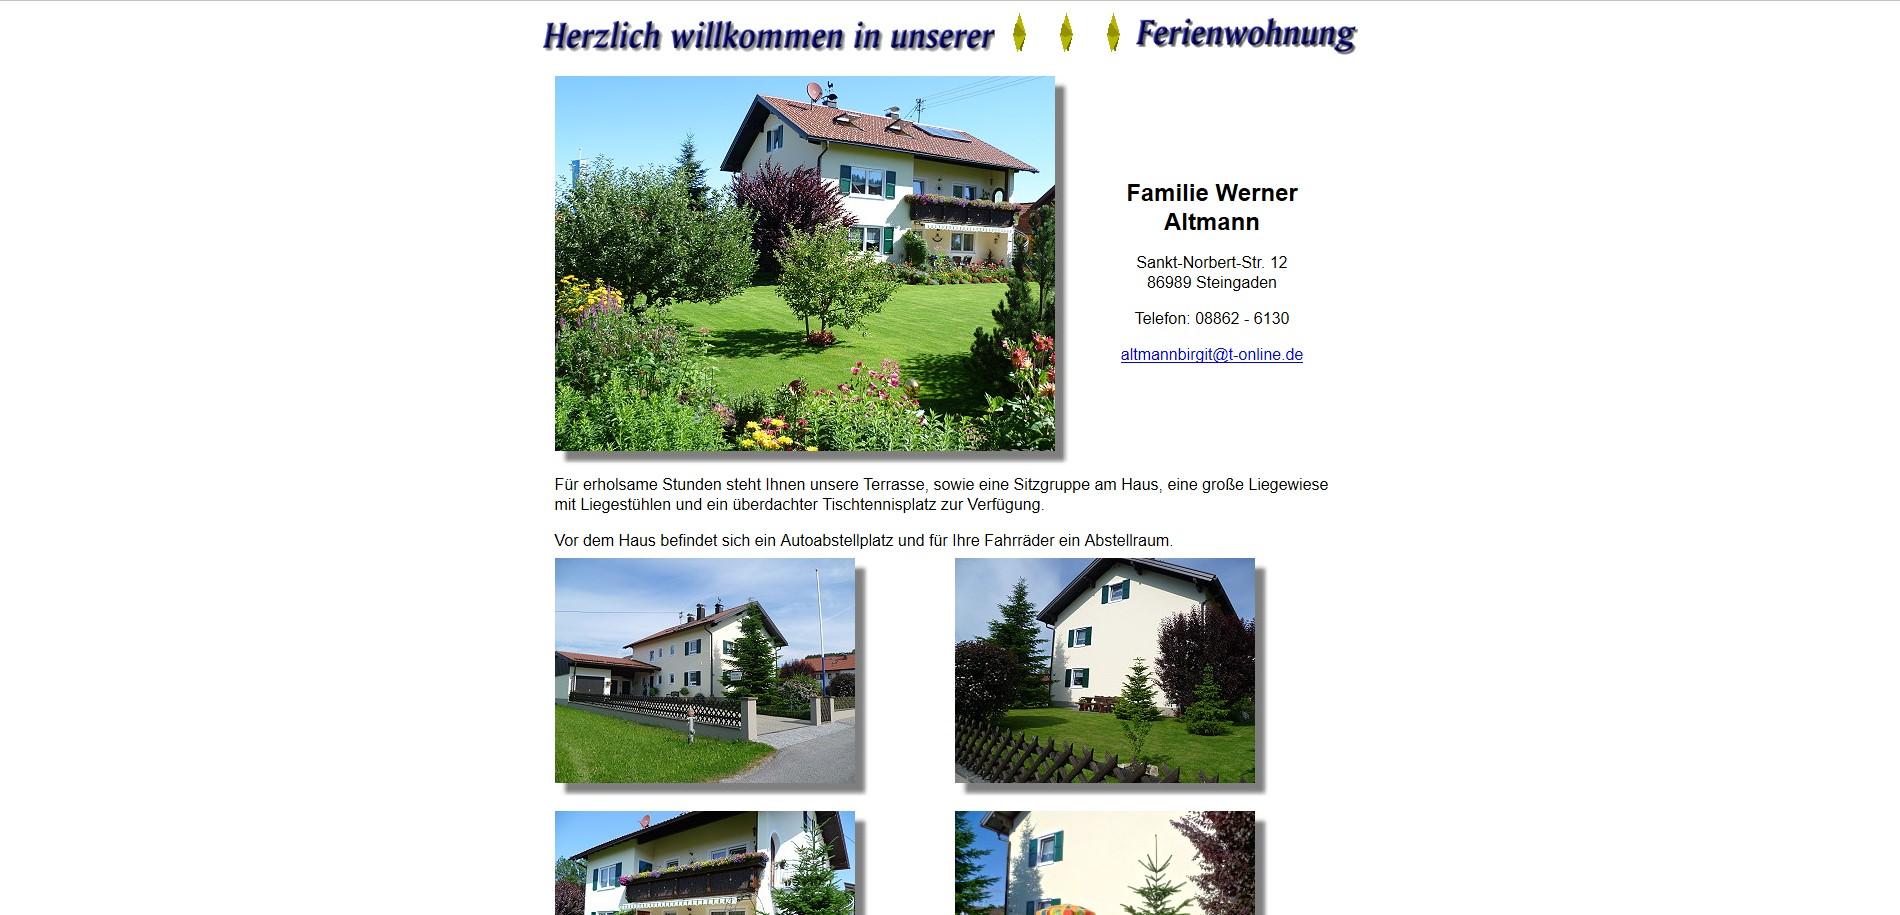 Ferienwohnung Altmann, Steingaden